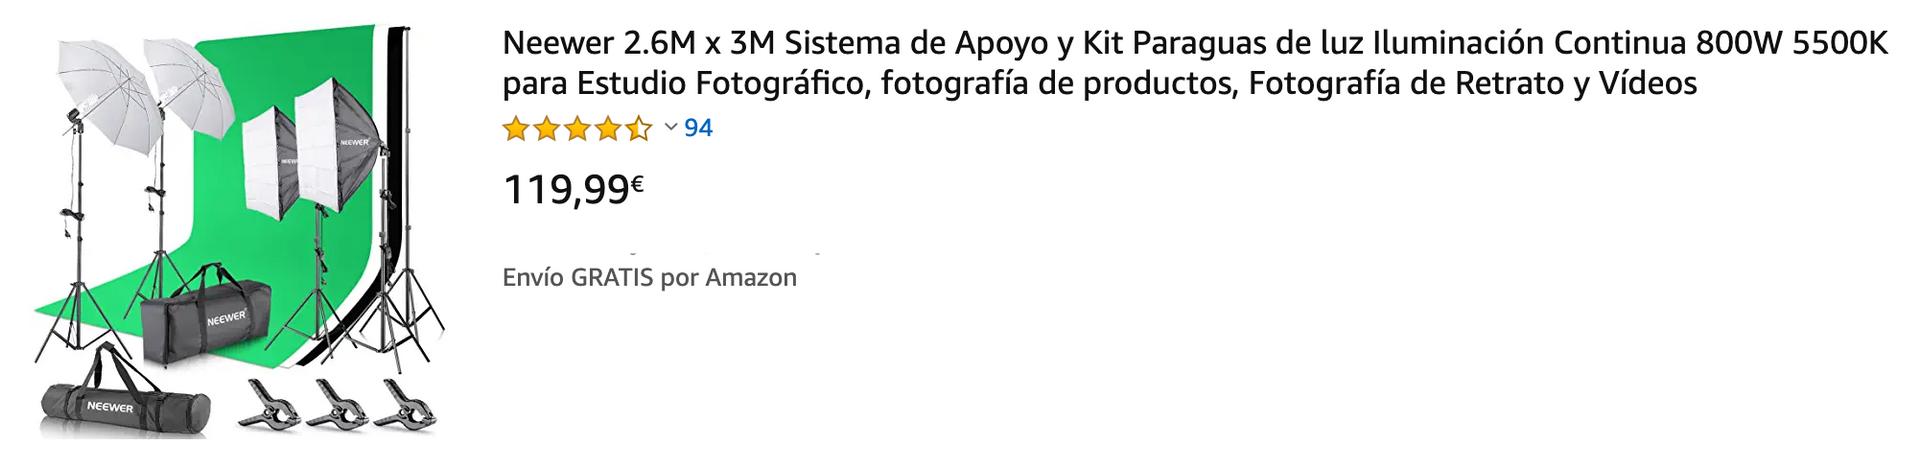 ▶ El kit incluye:(4) 200cm Base de lámpara+(2)Sostenedor solo de luz de cabeza+(4)45W CFL Bombilla de luz diurna +(2) 84cm Paraguas+(2) 60x60cm Caja de luz+(1)1.8 x 2.8M Telón de fondo de muselina (Negro, blanco y verde)+(6)Abrazaderas de Fondo+(1)2.6M x 3M Antecedentes Sistema de Apoyo+(1)Bolsa de transporte para el Sistema de Apoyo+(1)Bolsa de transporte para el kit ▶ (4) 200cm Soporte de luz: Muy estable con piernas de 3 etapas. Y utilizar las cerraduras rápidas sola acción, que permiten el ajuste de altura rápido precisión (2) El sostenedor de la luz sola cabeza permite usar una bombilla a un soporte de luz y añadir un paraguas ▶ (2) El 84cm paraguas blanco translúcido puede suavizar, ampliar y difundir la salida de luz de cualquier fuente de flash de tungsteno o estudio (4) 45W día-luz bombillas de estudio: Es igual a 200 W incandescente normal de salida bombilla fluorescente. 5500K bombilla espiral fluorescente genera una luz parecida a la luz natural. Es mejor para la iluminación fotográfica ▶ (2) 60x60cm Softbox: Softbox difunde la luz y es perfecta para estudios de fotografía profesionales. Con enchufe E27, se puede conectar directamente a las bombillas, lámparas fluorescentes o flash esclavo ▶ (1) 6 x 9 pies Telón de fondo de muselina (Negro, blanco y verde) +(6)Abrazaderas de Fondo+(1)2.6M x 3M Antecedentes Sistema de Apoyo: El kit de fondo es ideal para la televisión, producción de video y fotografía digital.(1)Bolsa de transporte para el kit de iluminación continua+(1)Bolsa de transporte para Sistema de Apoyo: Tamaño Grande para el transporte de soportes de luz, paraguas y otros accesorios